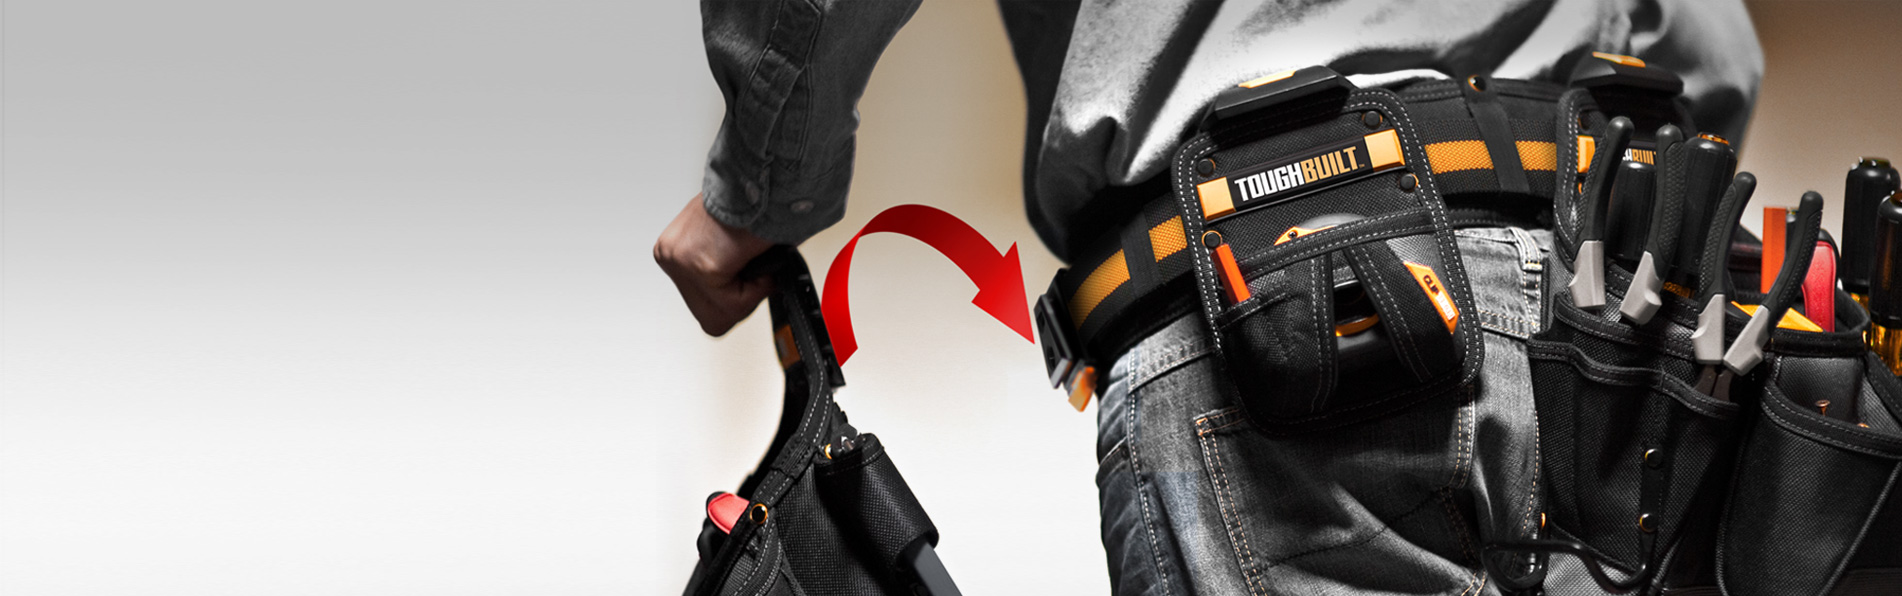 a433a85733 ClipTech Tool Belts